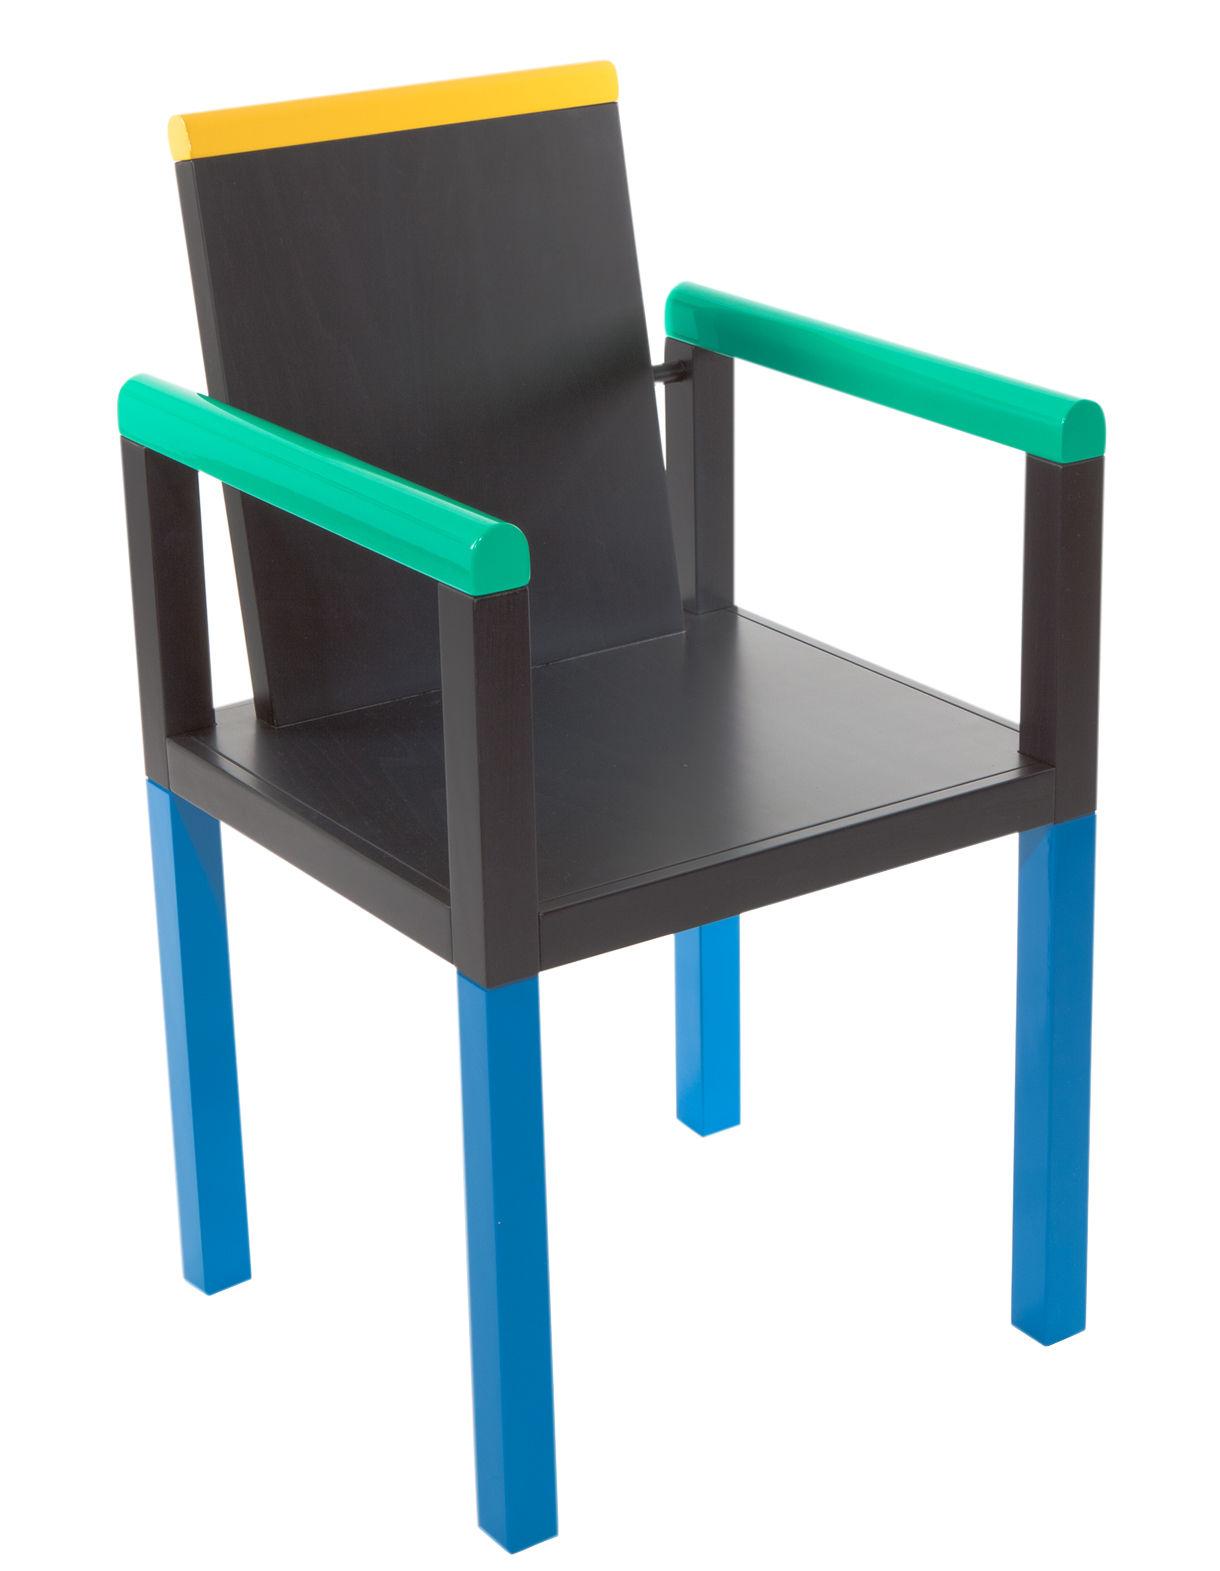 Mobilier - Chaises, fauteuils de salle à manger - Fauteuil Palace by George J. Sowden / 1983 - Memphis Milano - Multicolore - Bois laqué